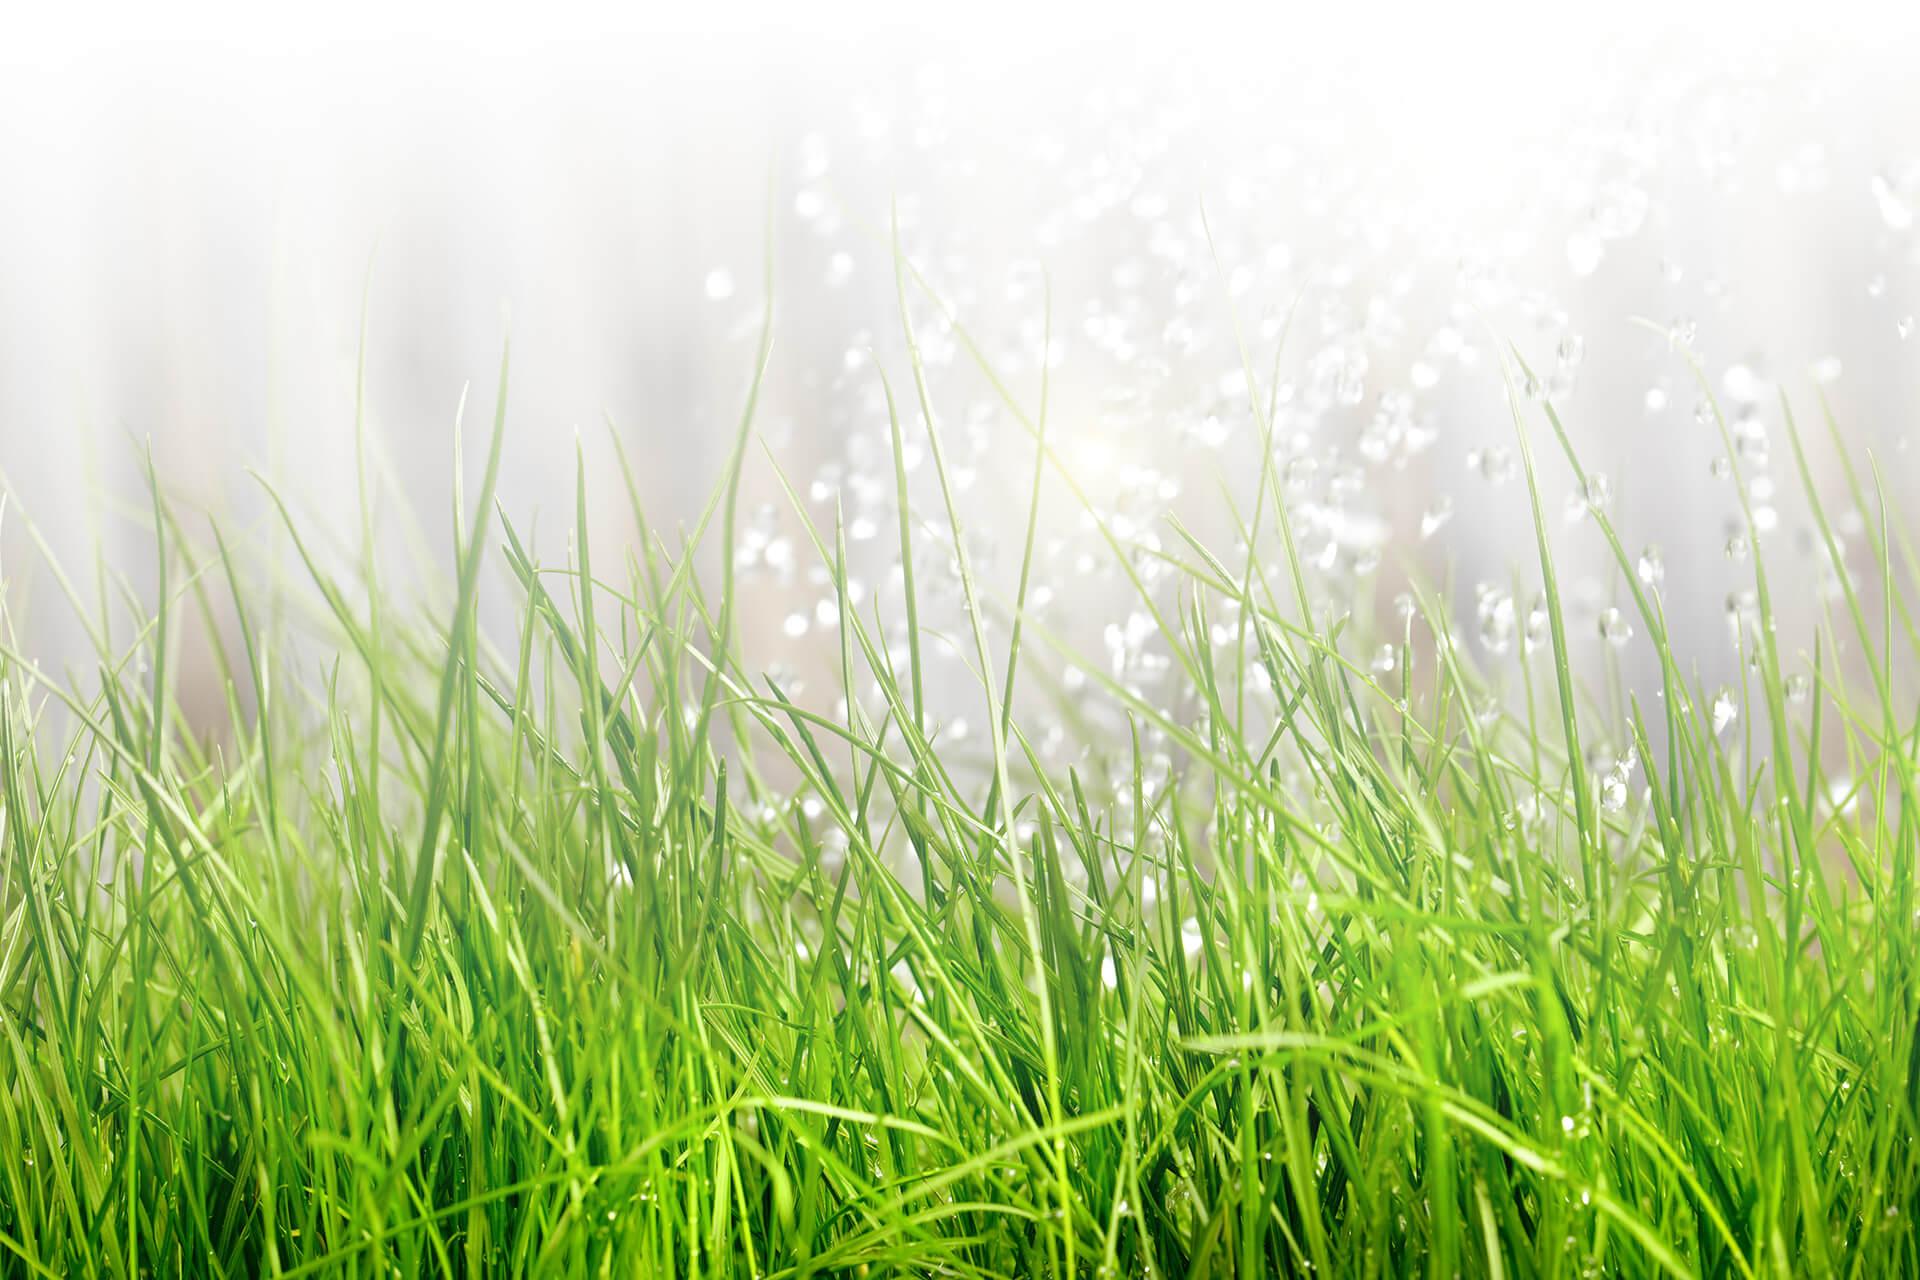 Full Size of Bewässerungssystem Garten Gartenbewsserung Einfach Professionell Selbst Verlegen Schwimmingpool Für Den Klettergerüst Loungemöbel Holz Schallschutz Garten Bewässerungssystem Garten